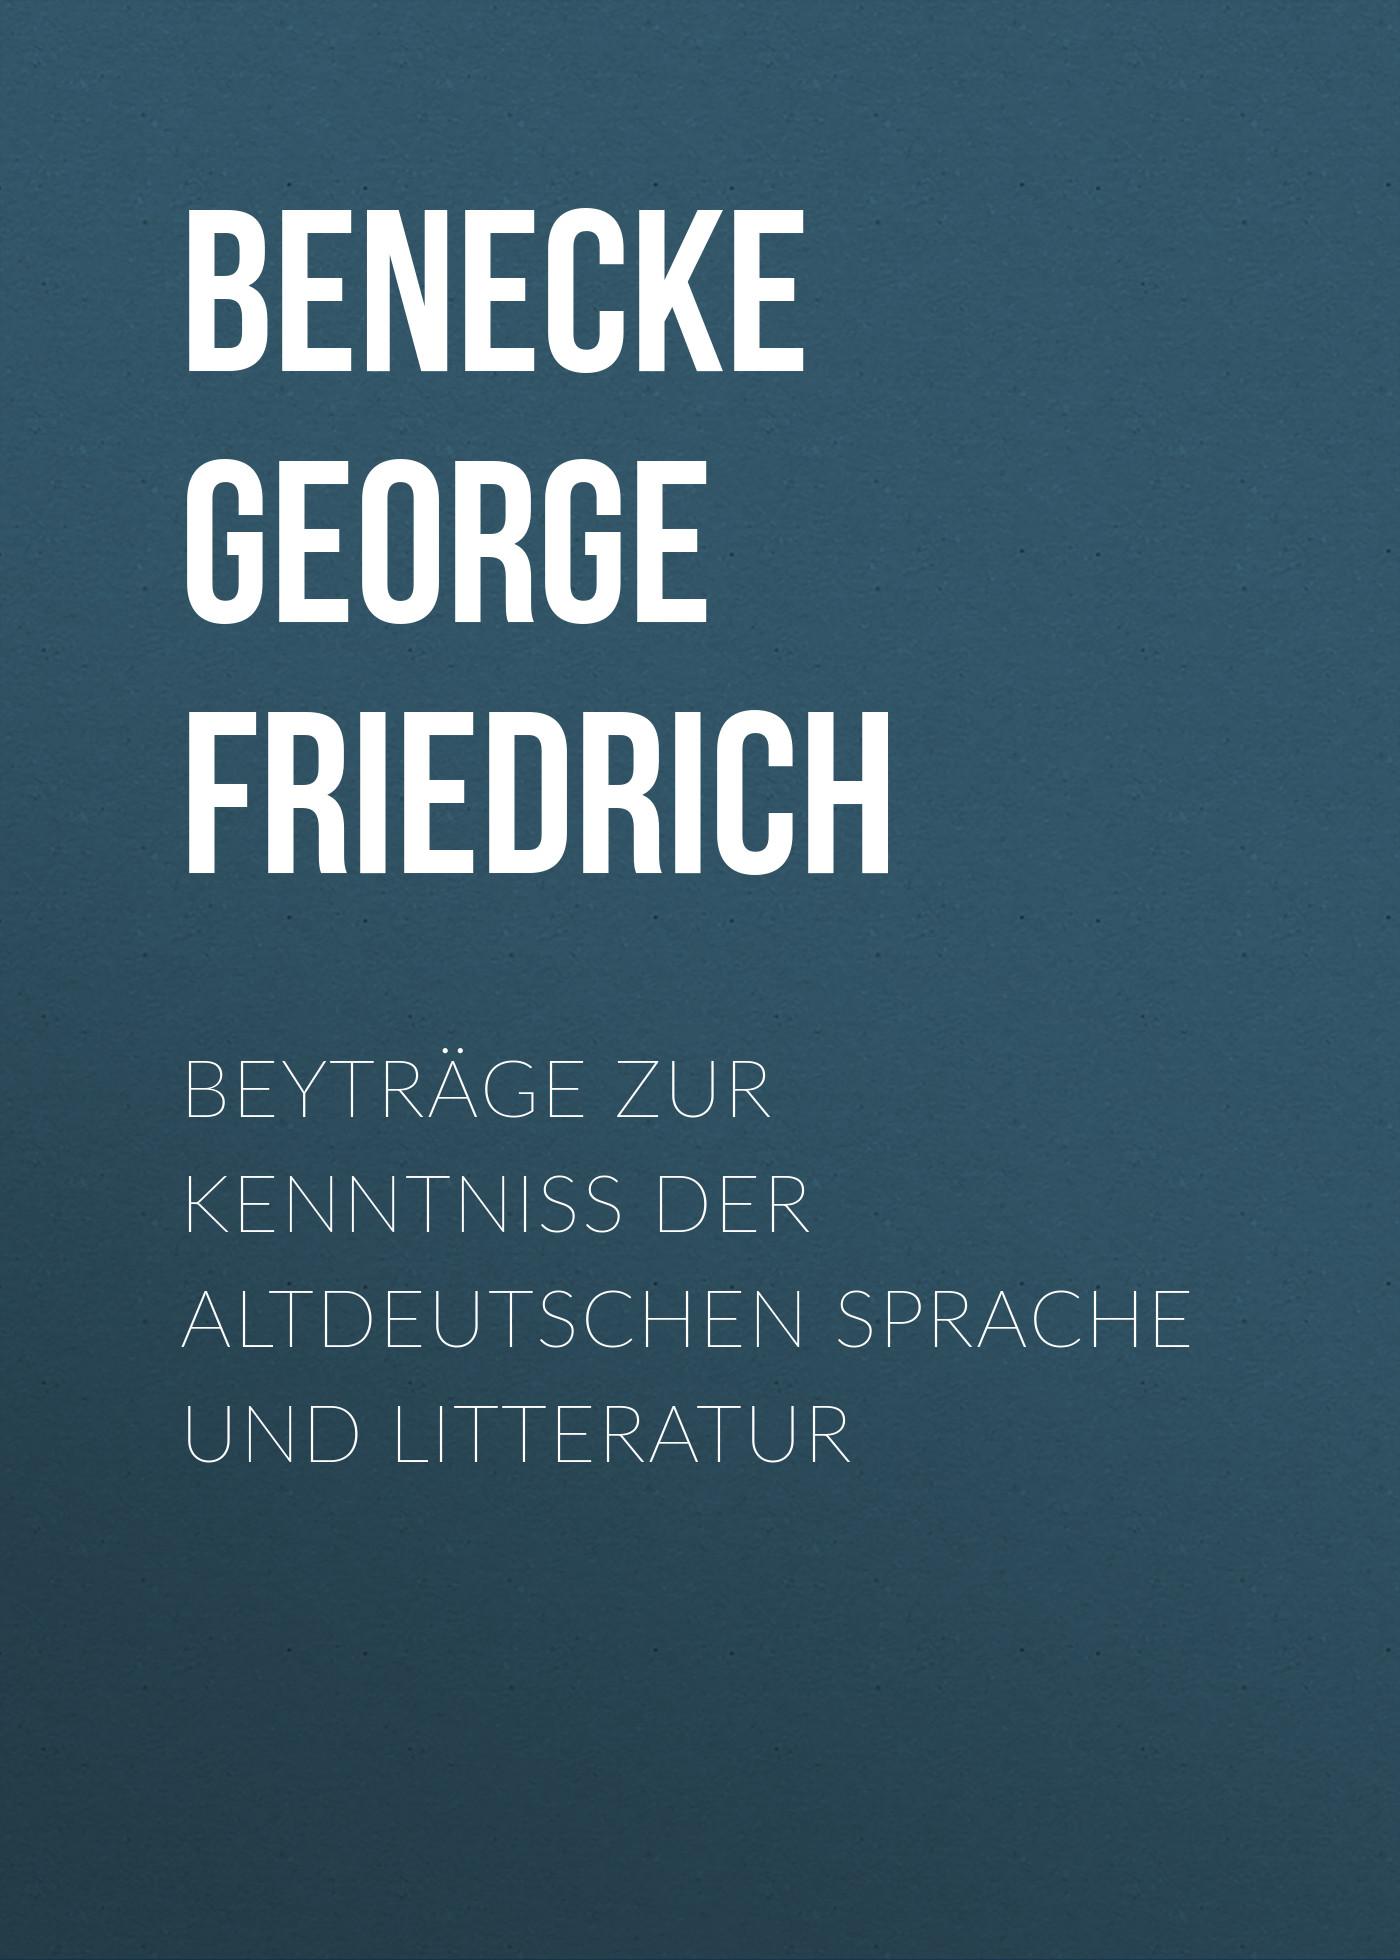 Benecke George Friedrich Beyträge zur Kenntniss der altdeutschen Sprache und Litteratur d behrens zeitschrift fur franzosische sprache und literatur vol 34 abhandlungen classic reprint